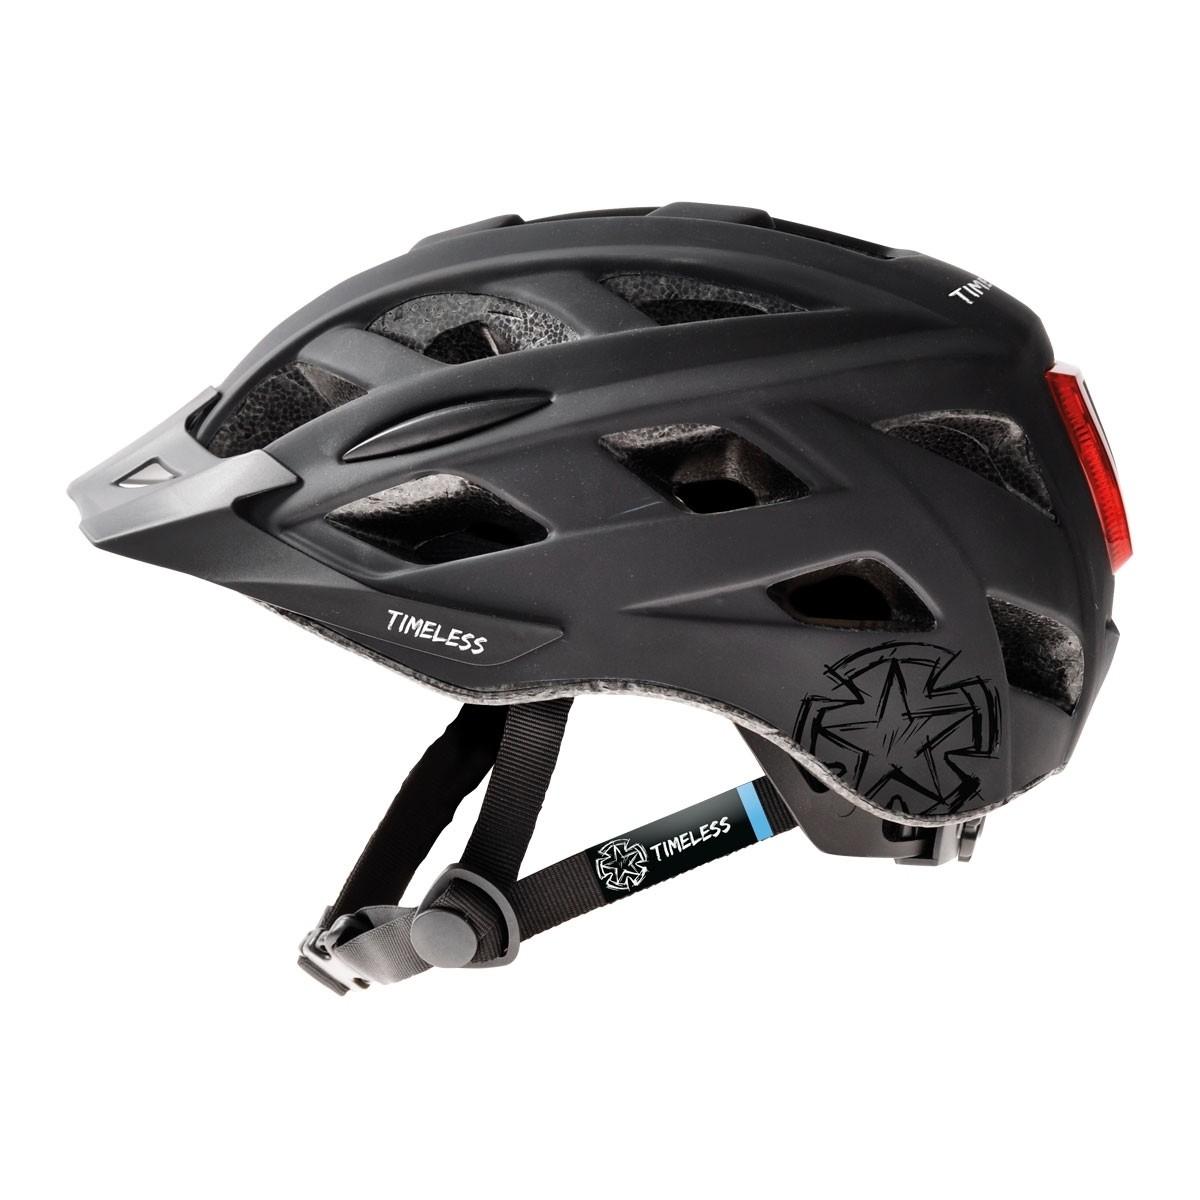 Pyöräilykypärä TIMELESS Fox, musta/harmaa M, 54-59, valo ja säätöpanta